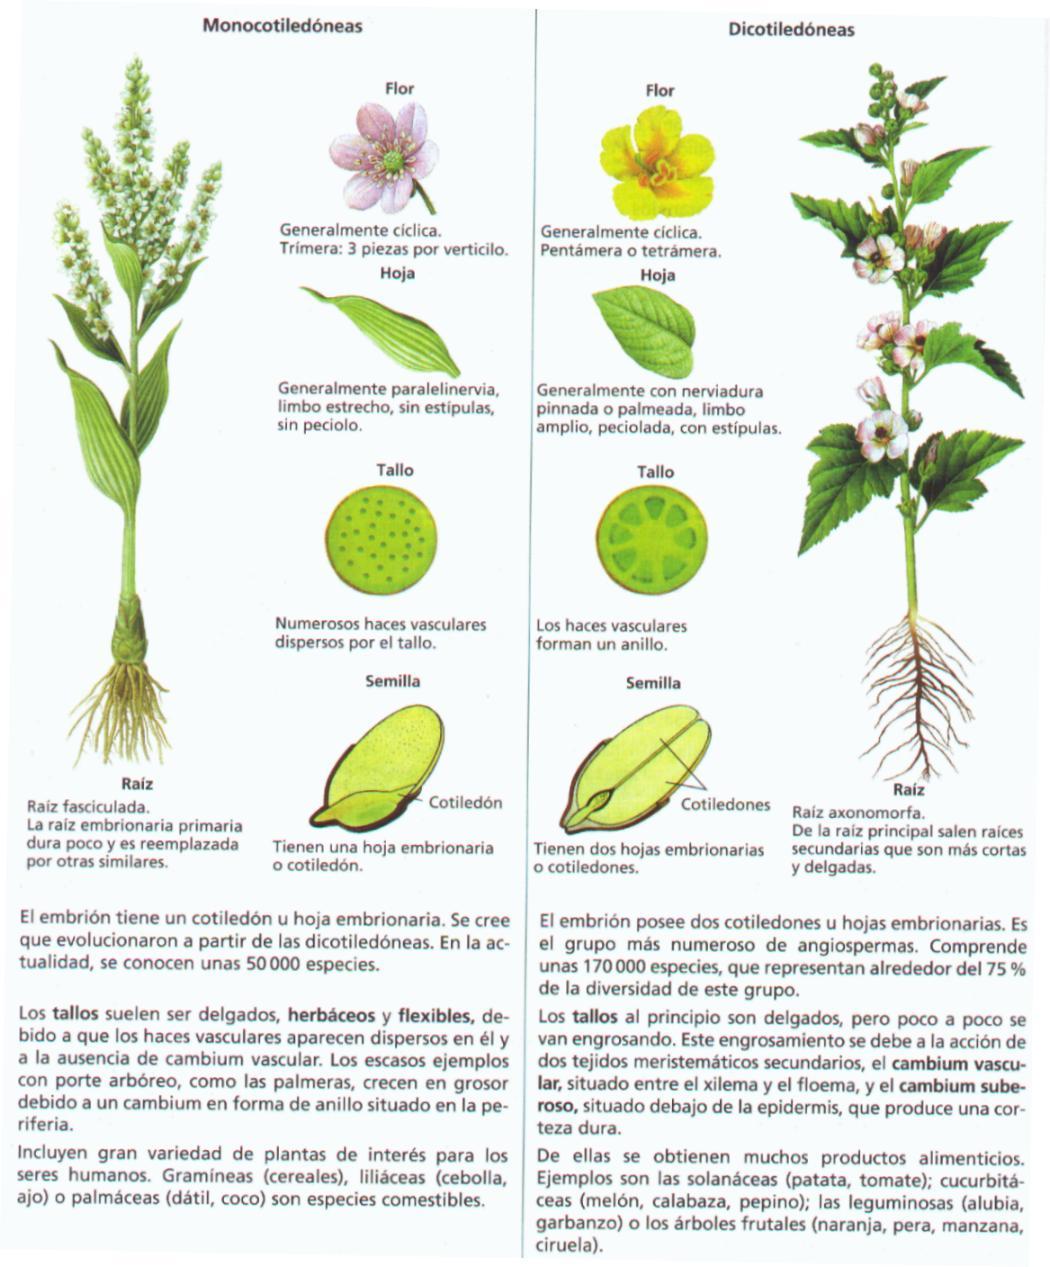 Clases de angiospermas